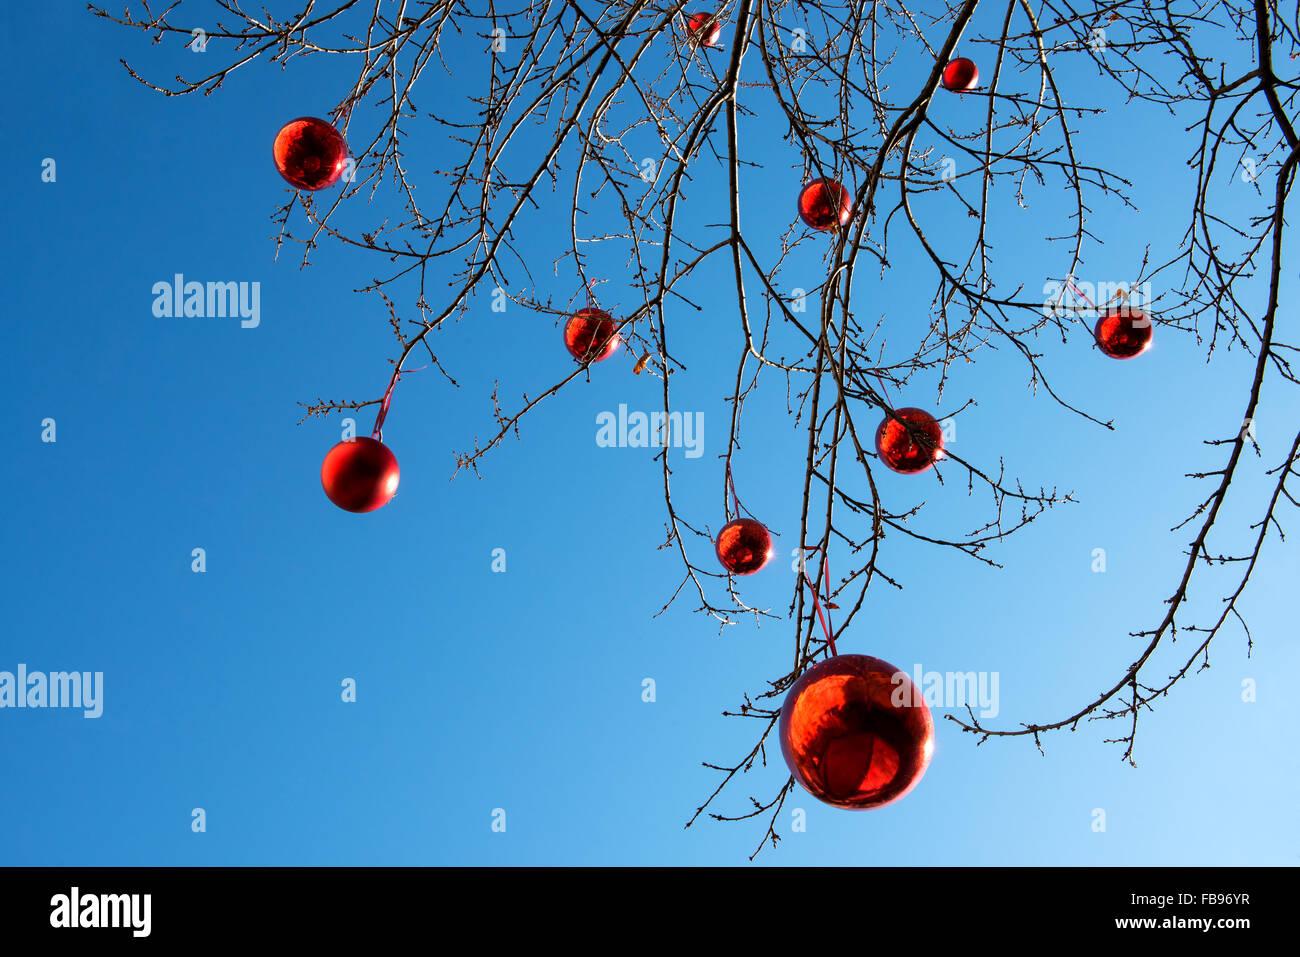 Boules de Noël rouge accroché sur les branches nues d'un arbre en plein air Photo Stock